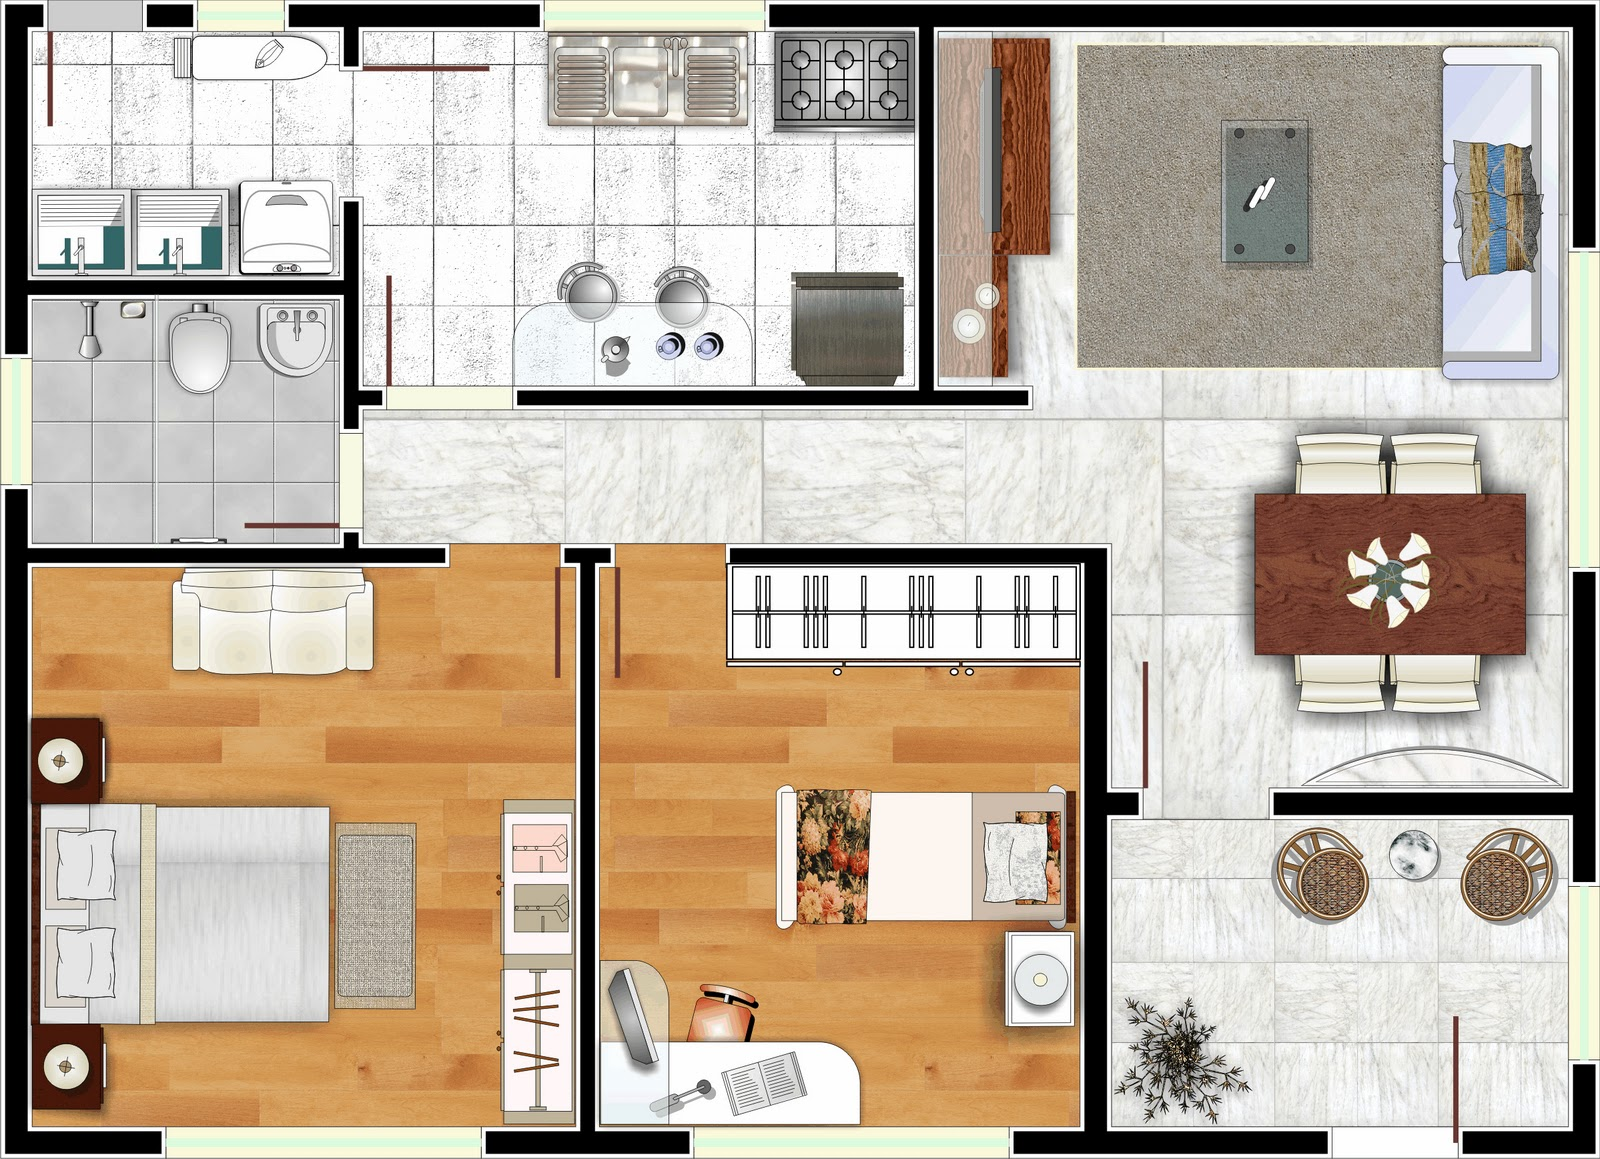 modelos de planta baixa de casas pequenas